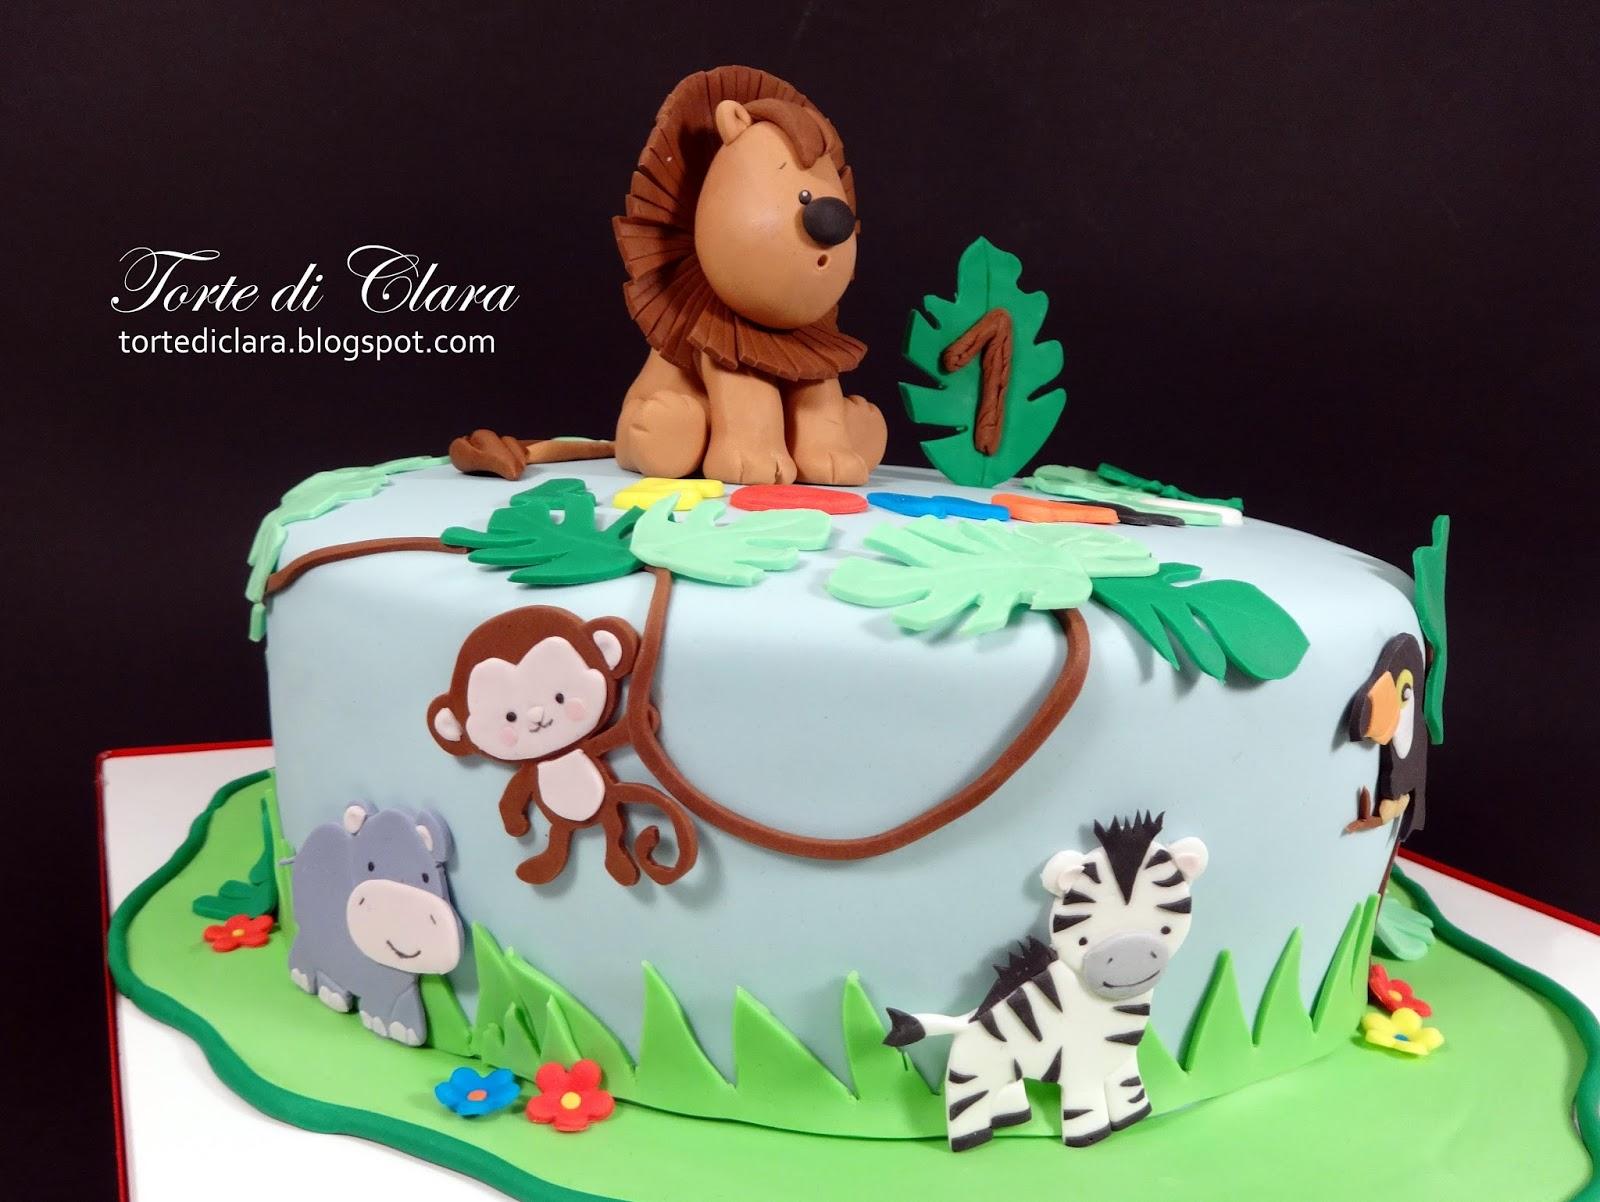 La Sirenetta - Cake by Le torte di Renato - CakesDecor